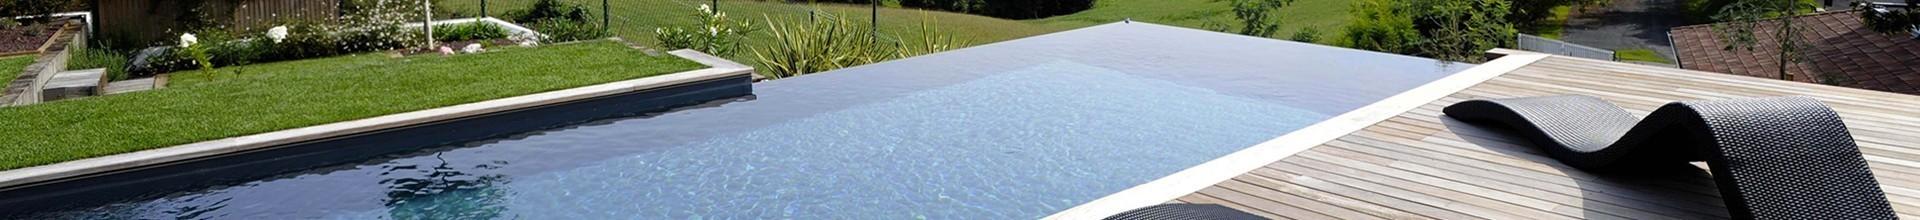 Projet piscine Occitanie : votre projet coque polyester